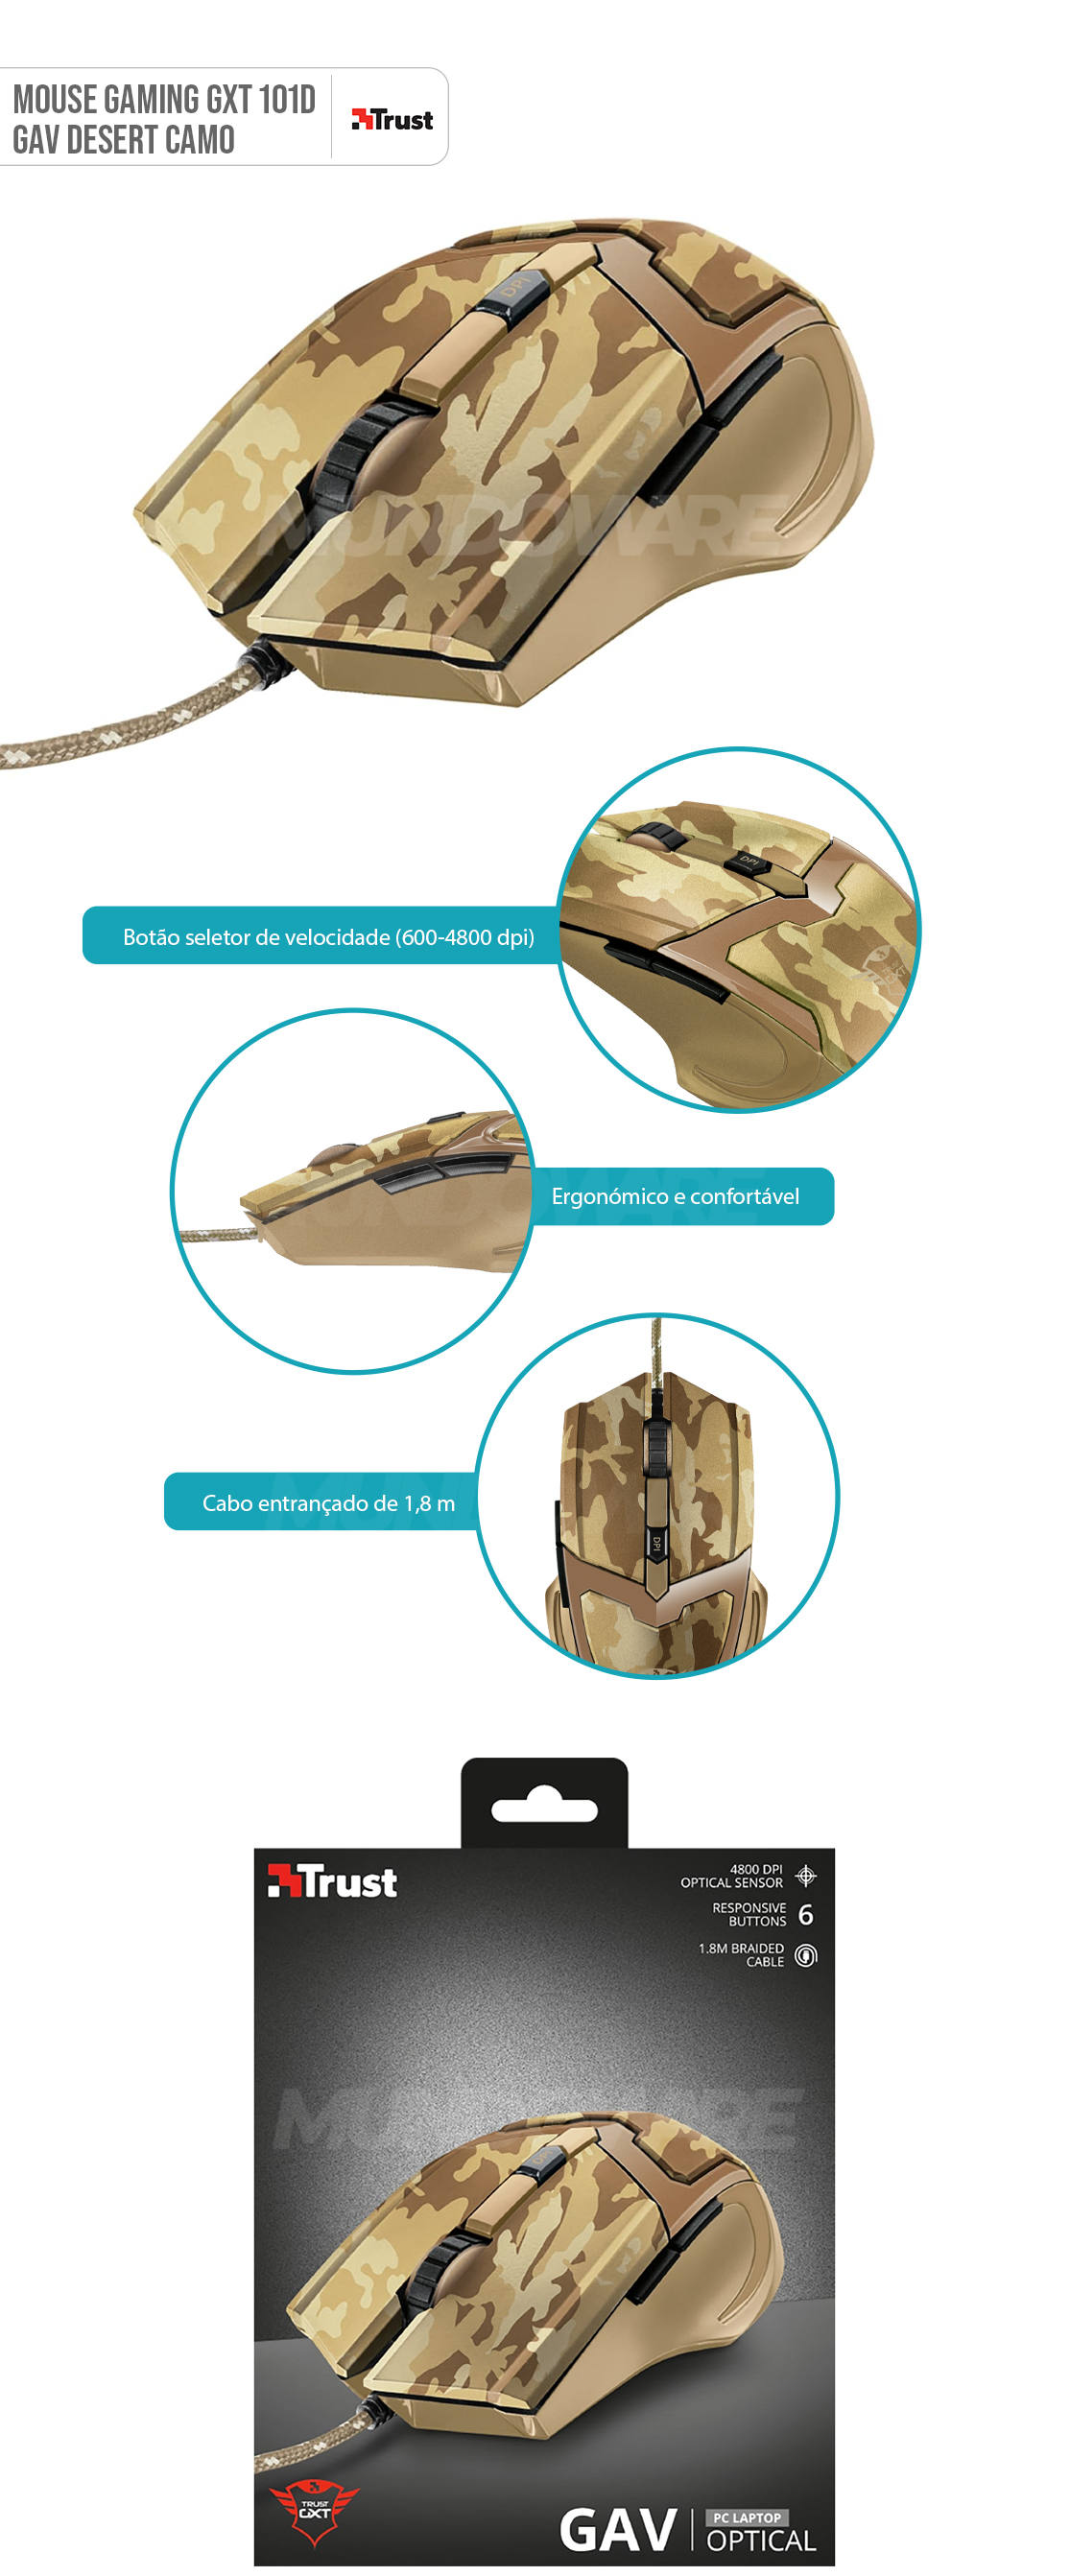 Mouse Gamer com Fio 4800 DPI Precisão para Jogos 6 Botões Trust GXT 101D GAV Desert Camo